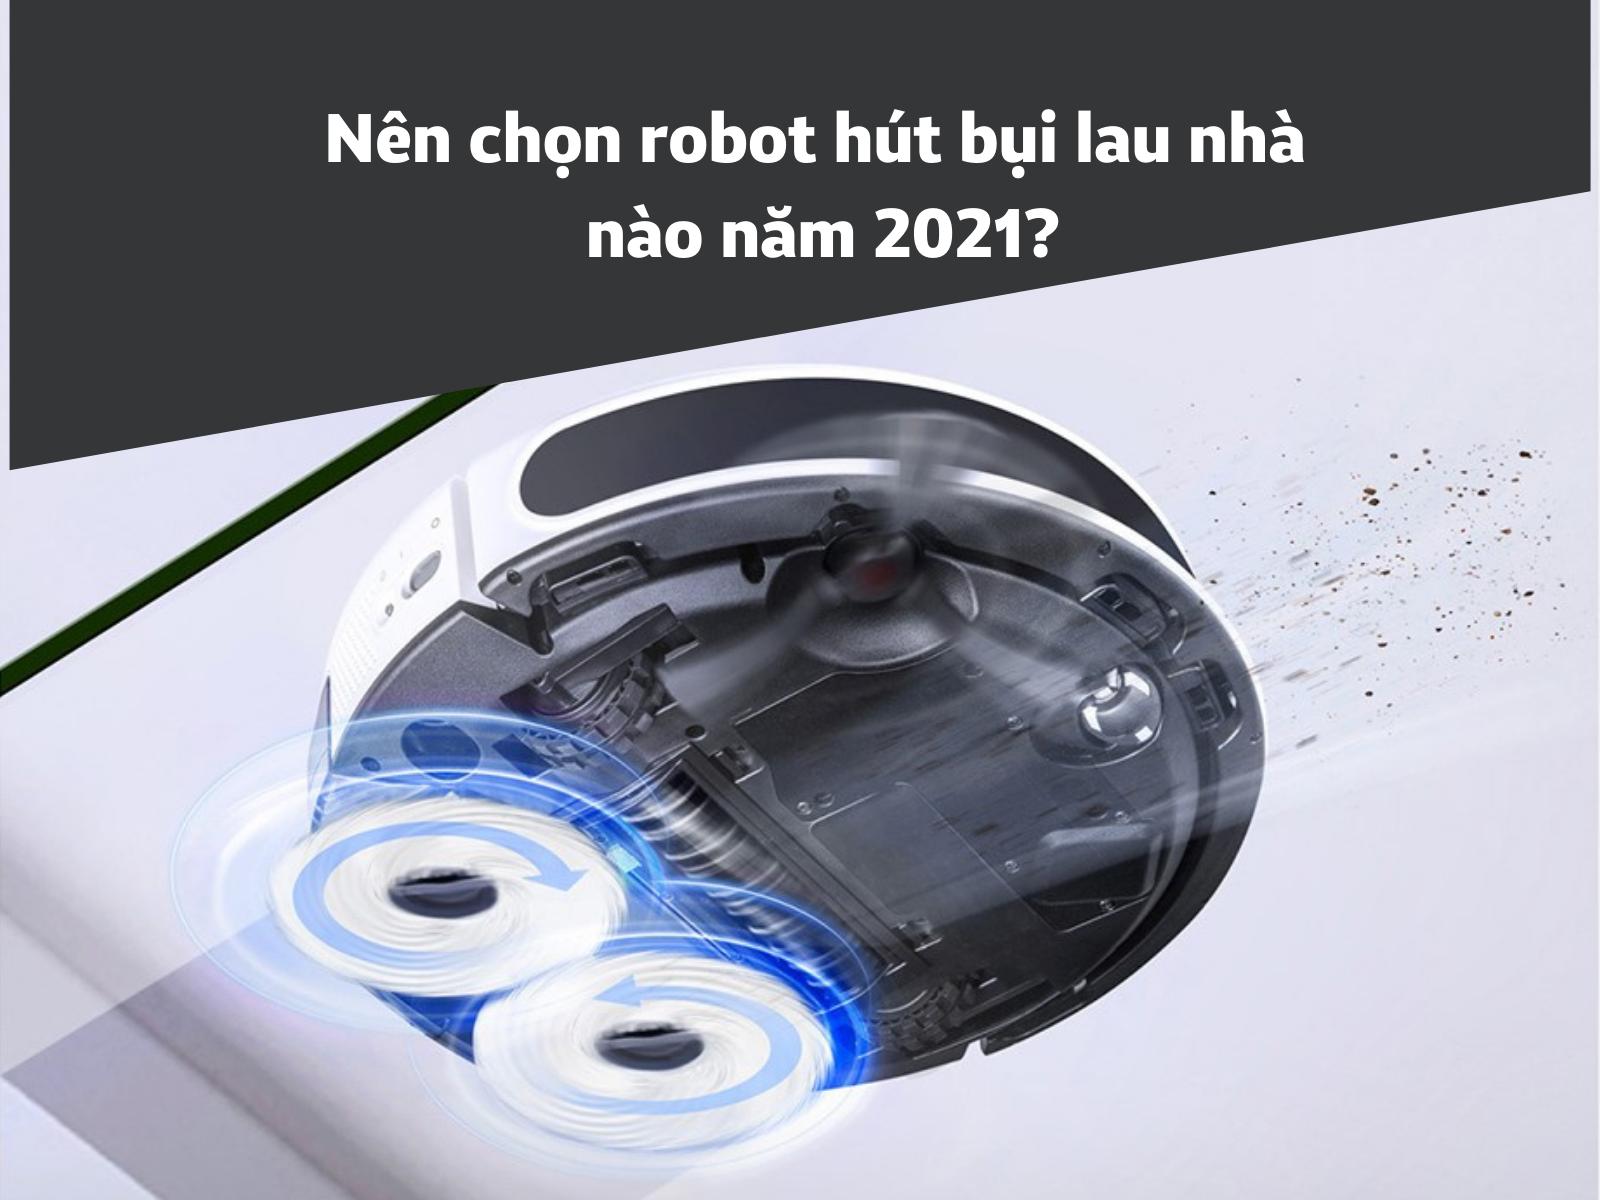 review về robot hút bụi lau nhà